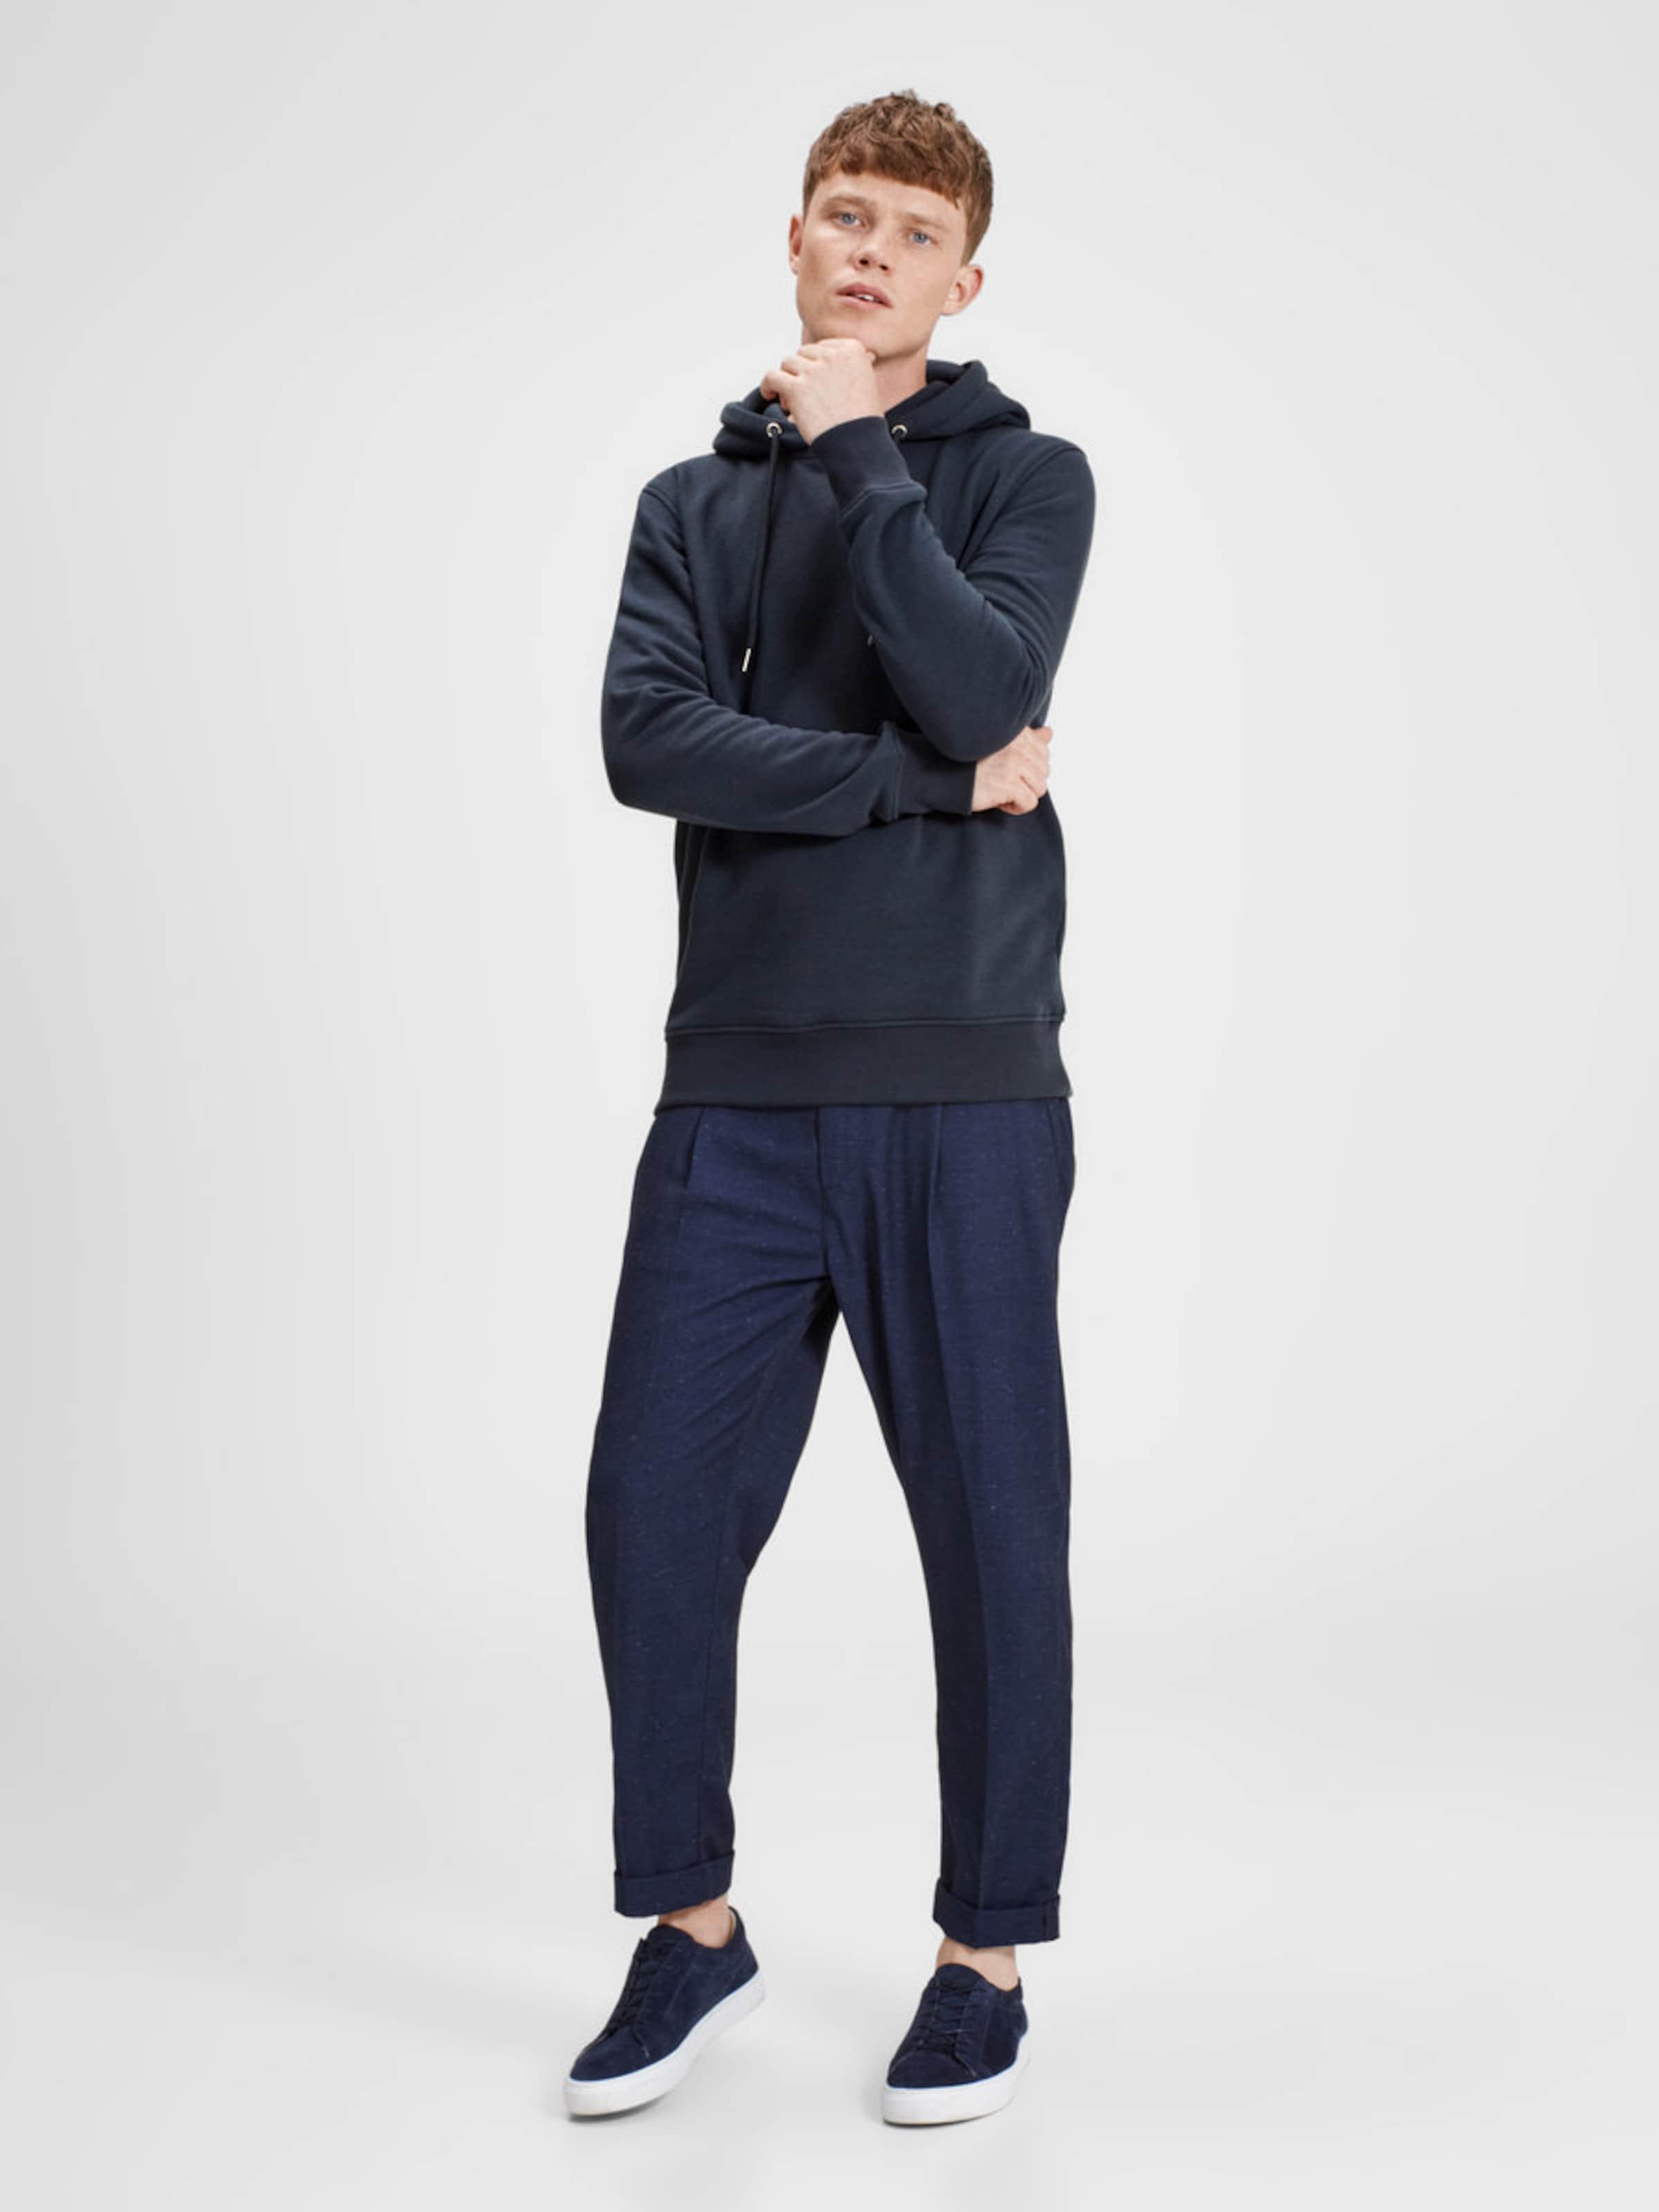 JACK & JONES Minimales Sweatshirt Rabatt Bestellen Rabatt Viele Arten Von Günstige Preise Freies Verschiffen Empfehlen Mit Paypal Bezahlen Z8zKP